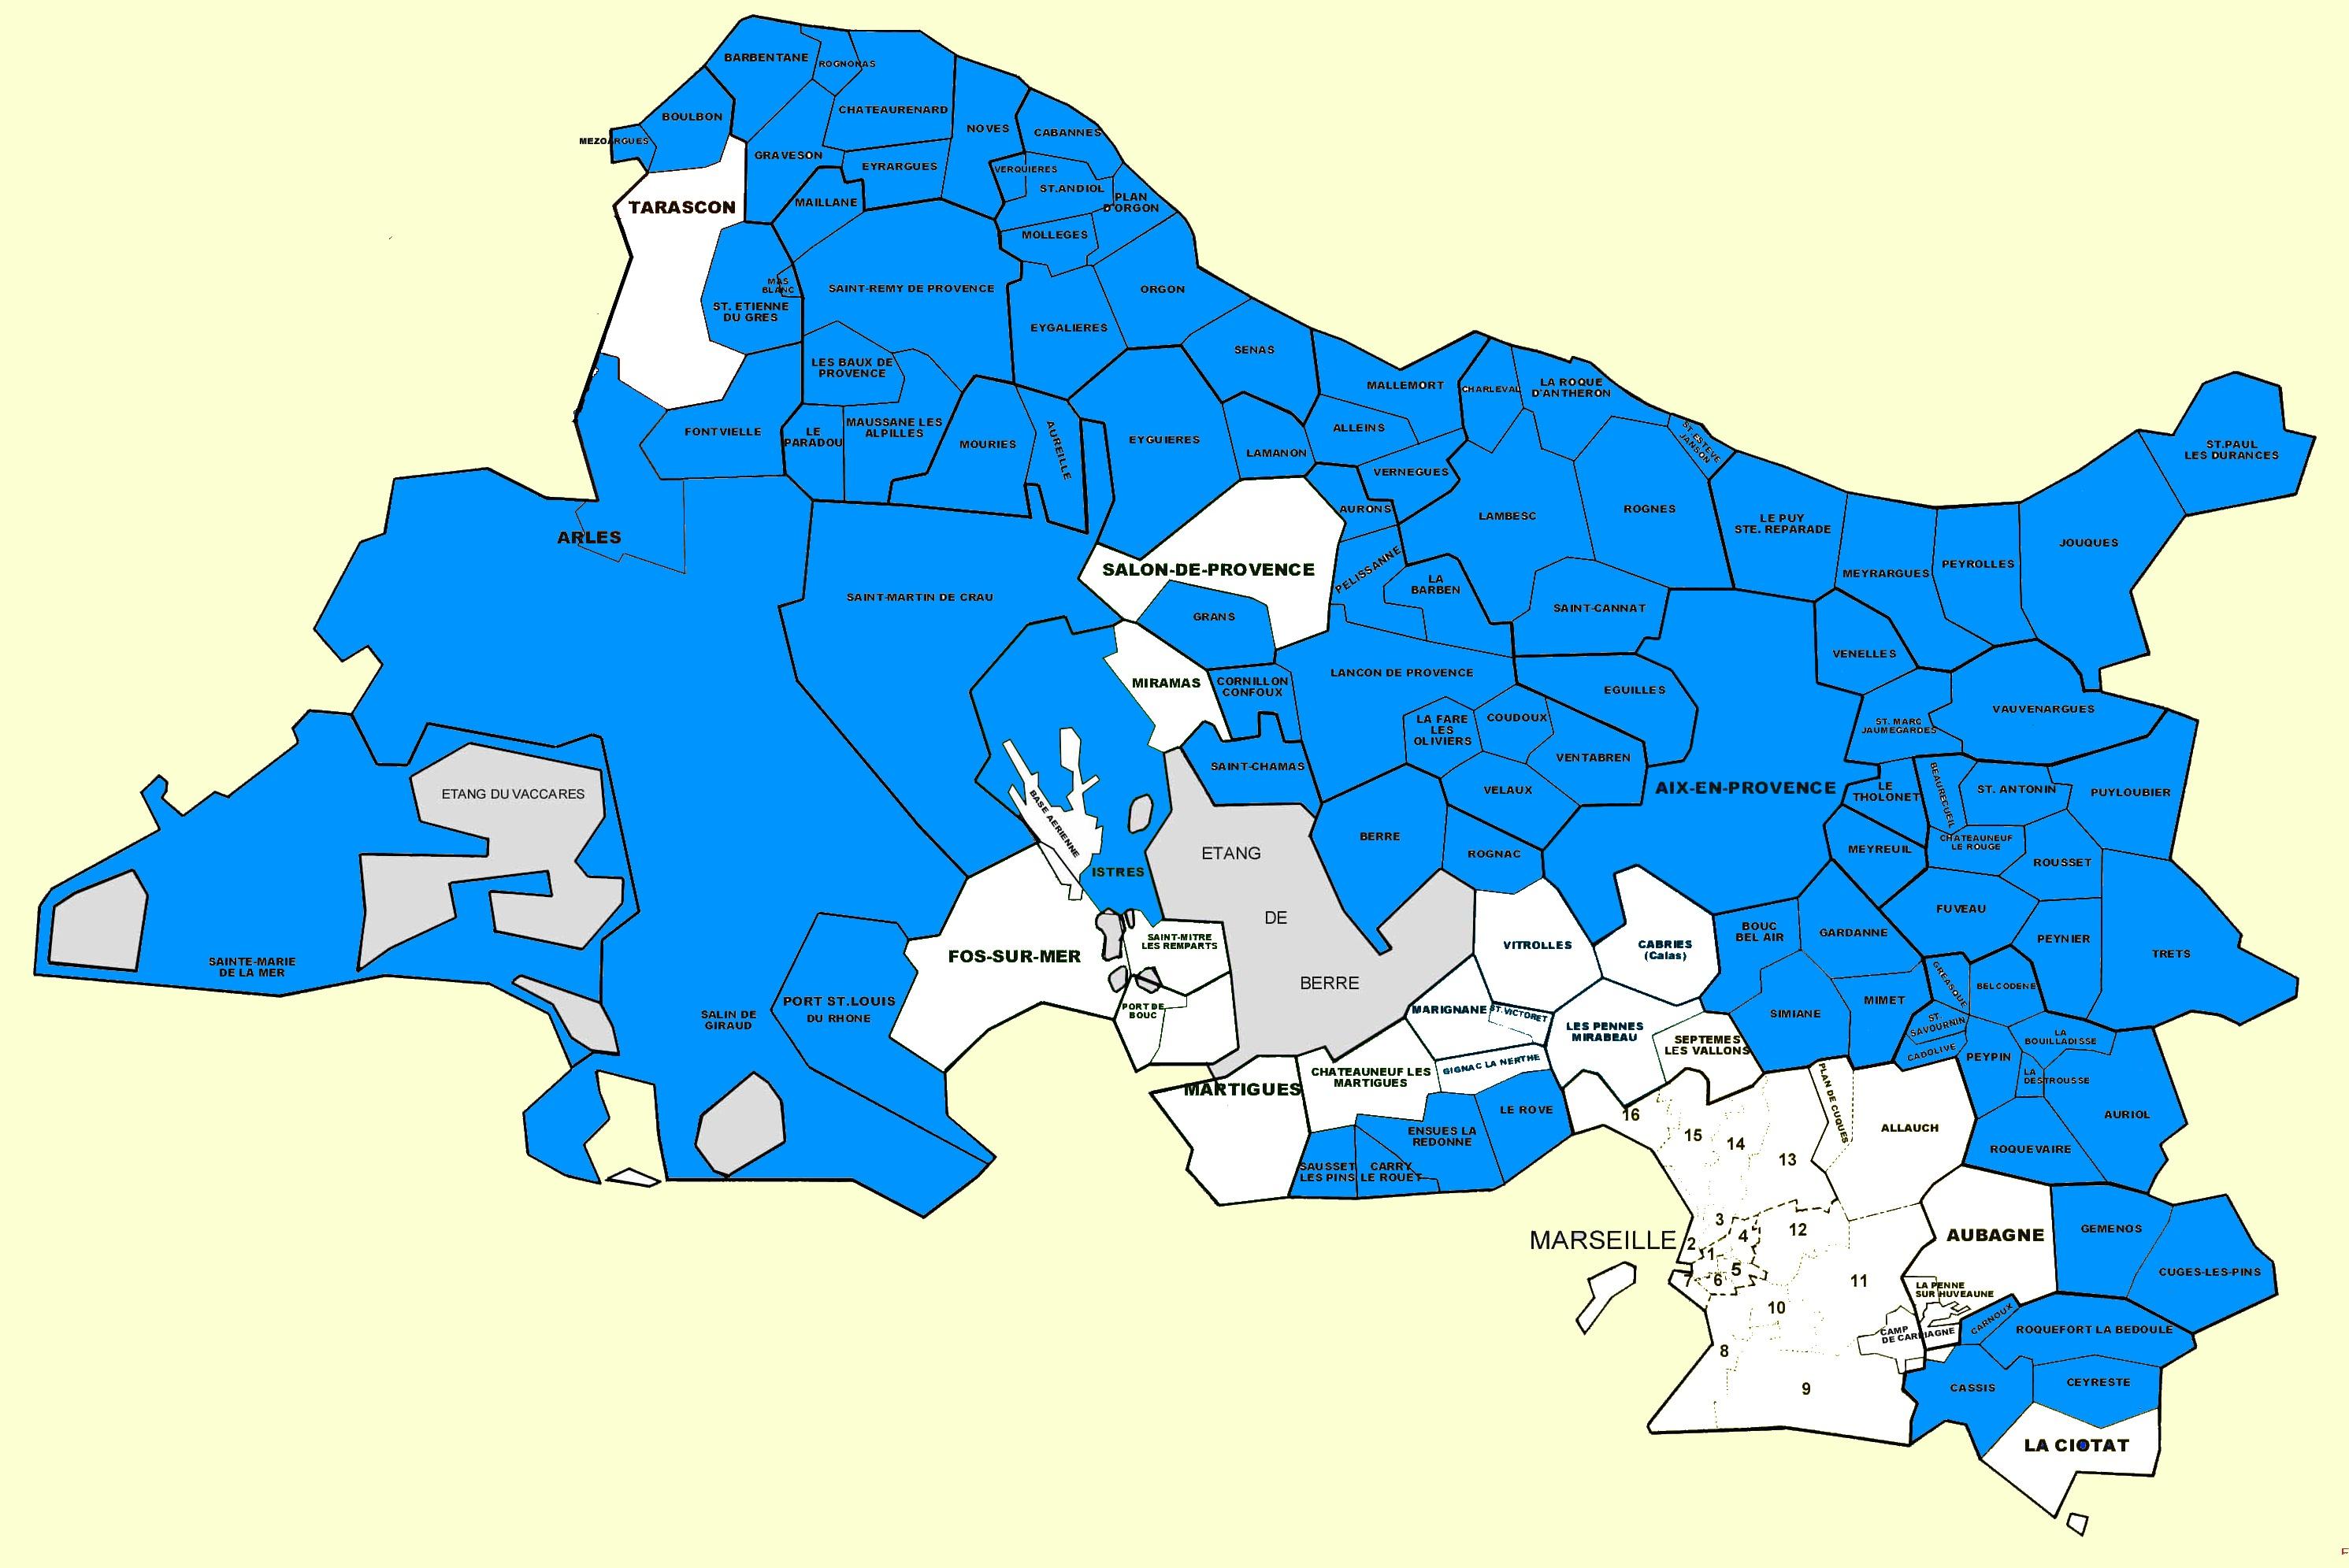 Couverture Territoriale Des Brigades De Gendarmerie